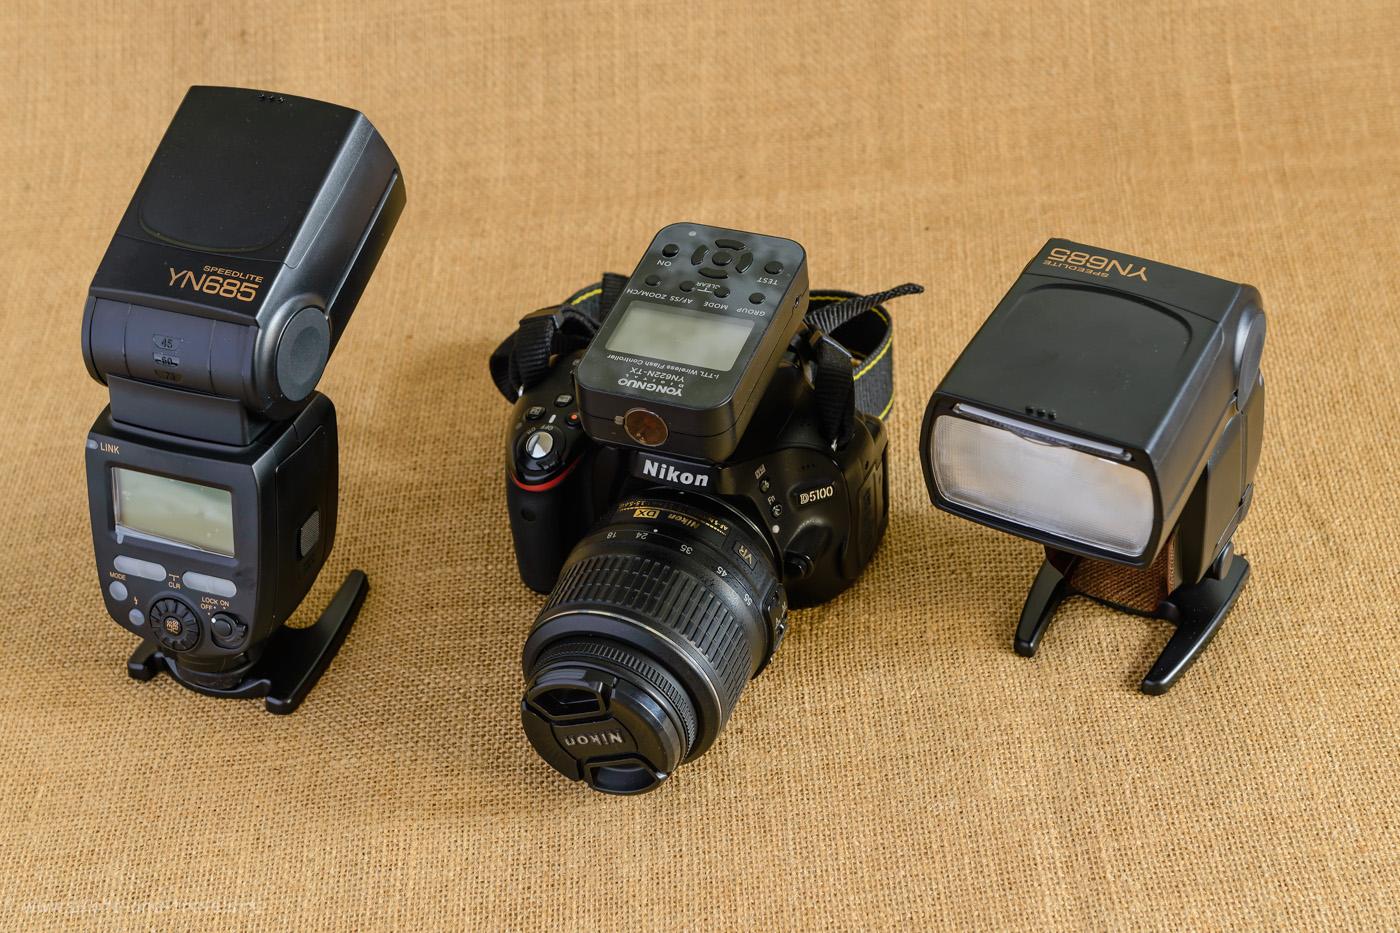 Фото 1. Любительская зеркалка Nikon D5100 KIT 18-55 VR с установленным на ней трансмиттером Yongnuo YN-622N-TX. Внешние вспышки YongnuoYN685N по размерам сопоставимы с кропнутой тушкой. Снято на полный кадр Nikon D610 + объектив Nikon 24-70mm f/2.8 при естественном свете от окна. Слева – белый отражатель. Штатив Sirui T-2204X с головой Sirui G-20KX. Настройки: В=1,6 секунды, +1.0 EV, f/8.0, ISO 200, ФР=56 мм.